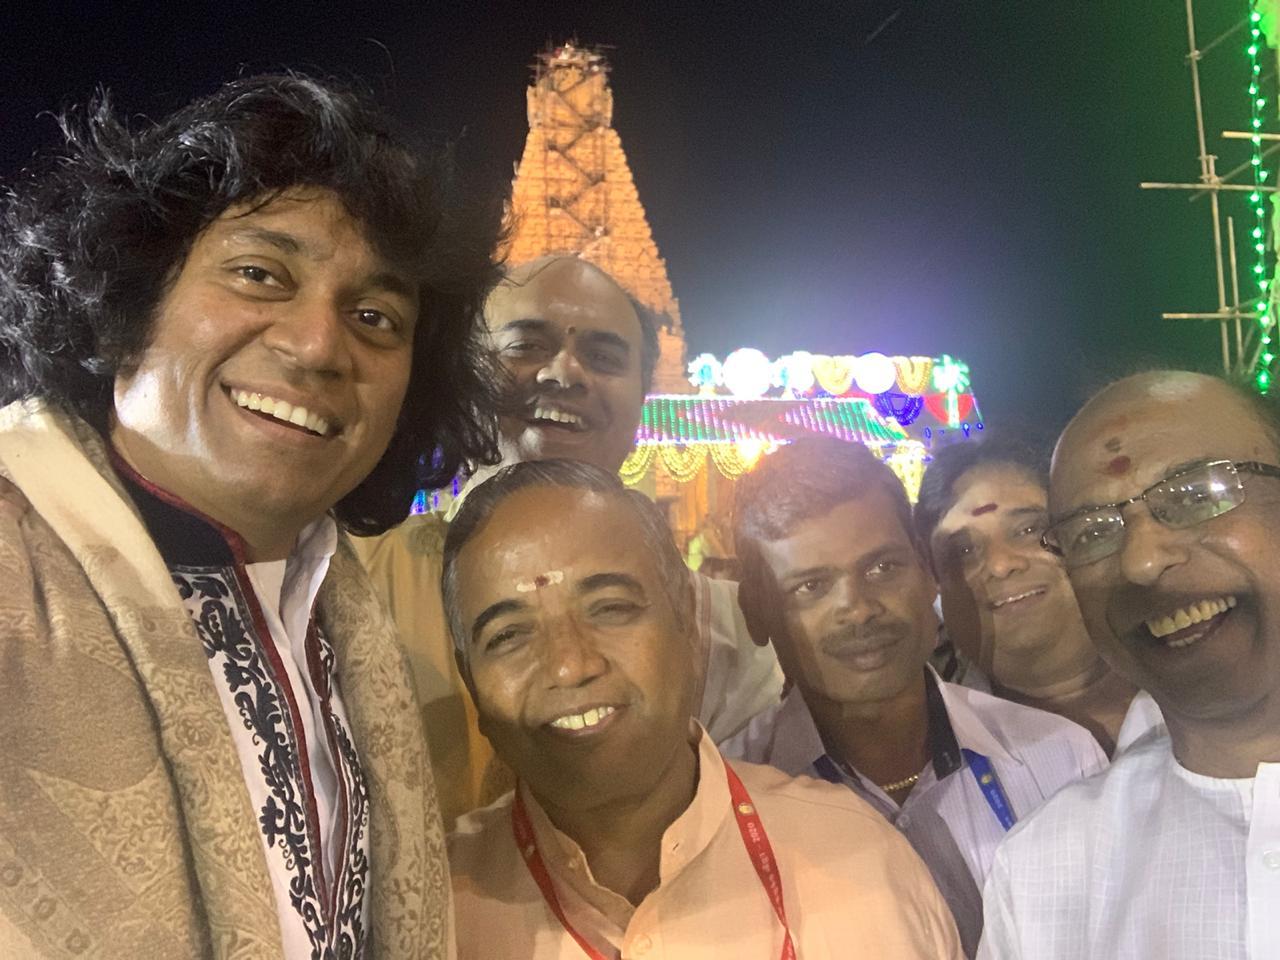 u-rajesh-mandolin-performed-at-brihadeeswara-kumbhabhishekam-sangeetha-natya-vadyothsav-concert